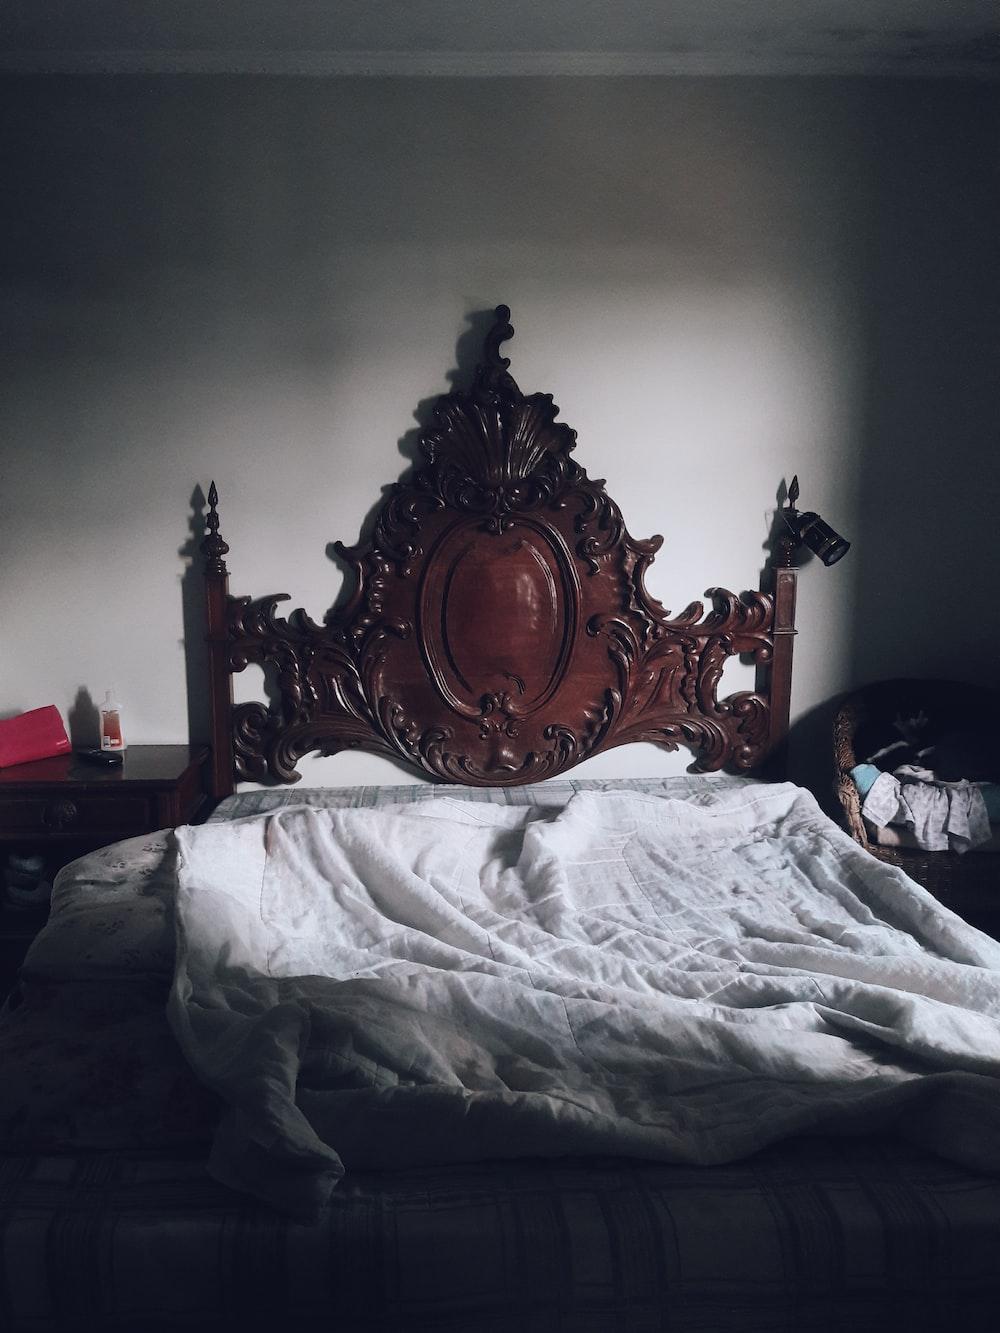 white blanket on bed